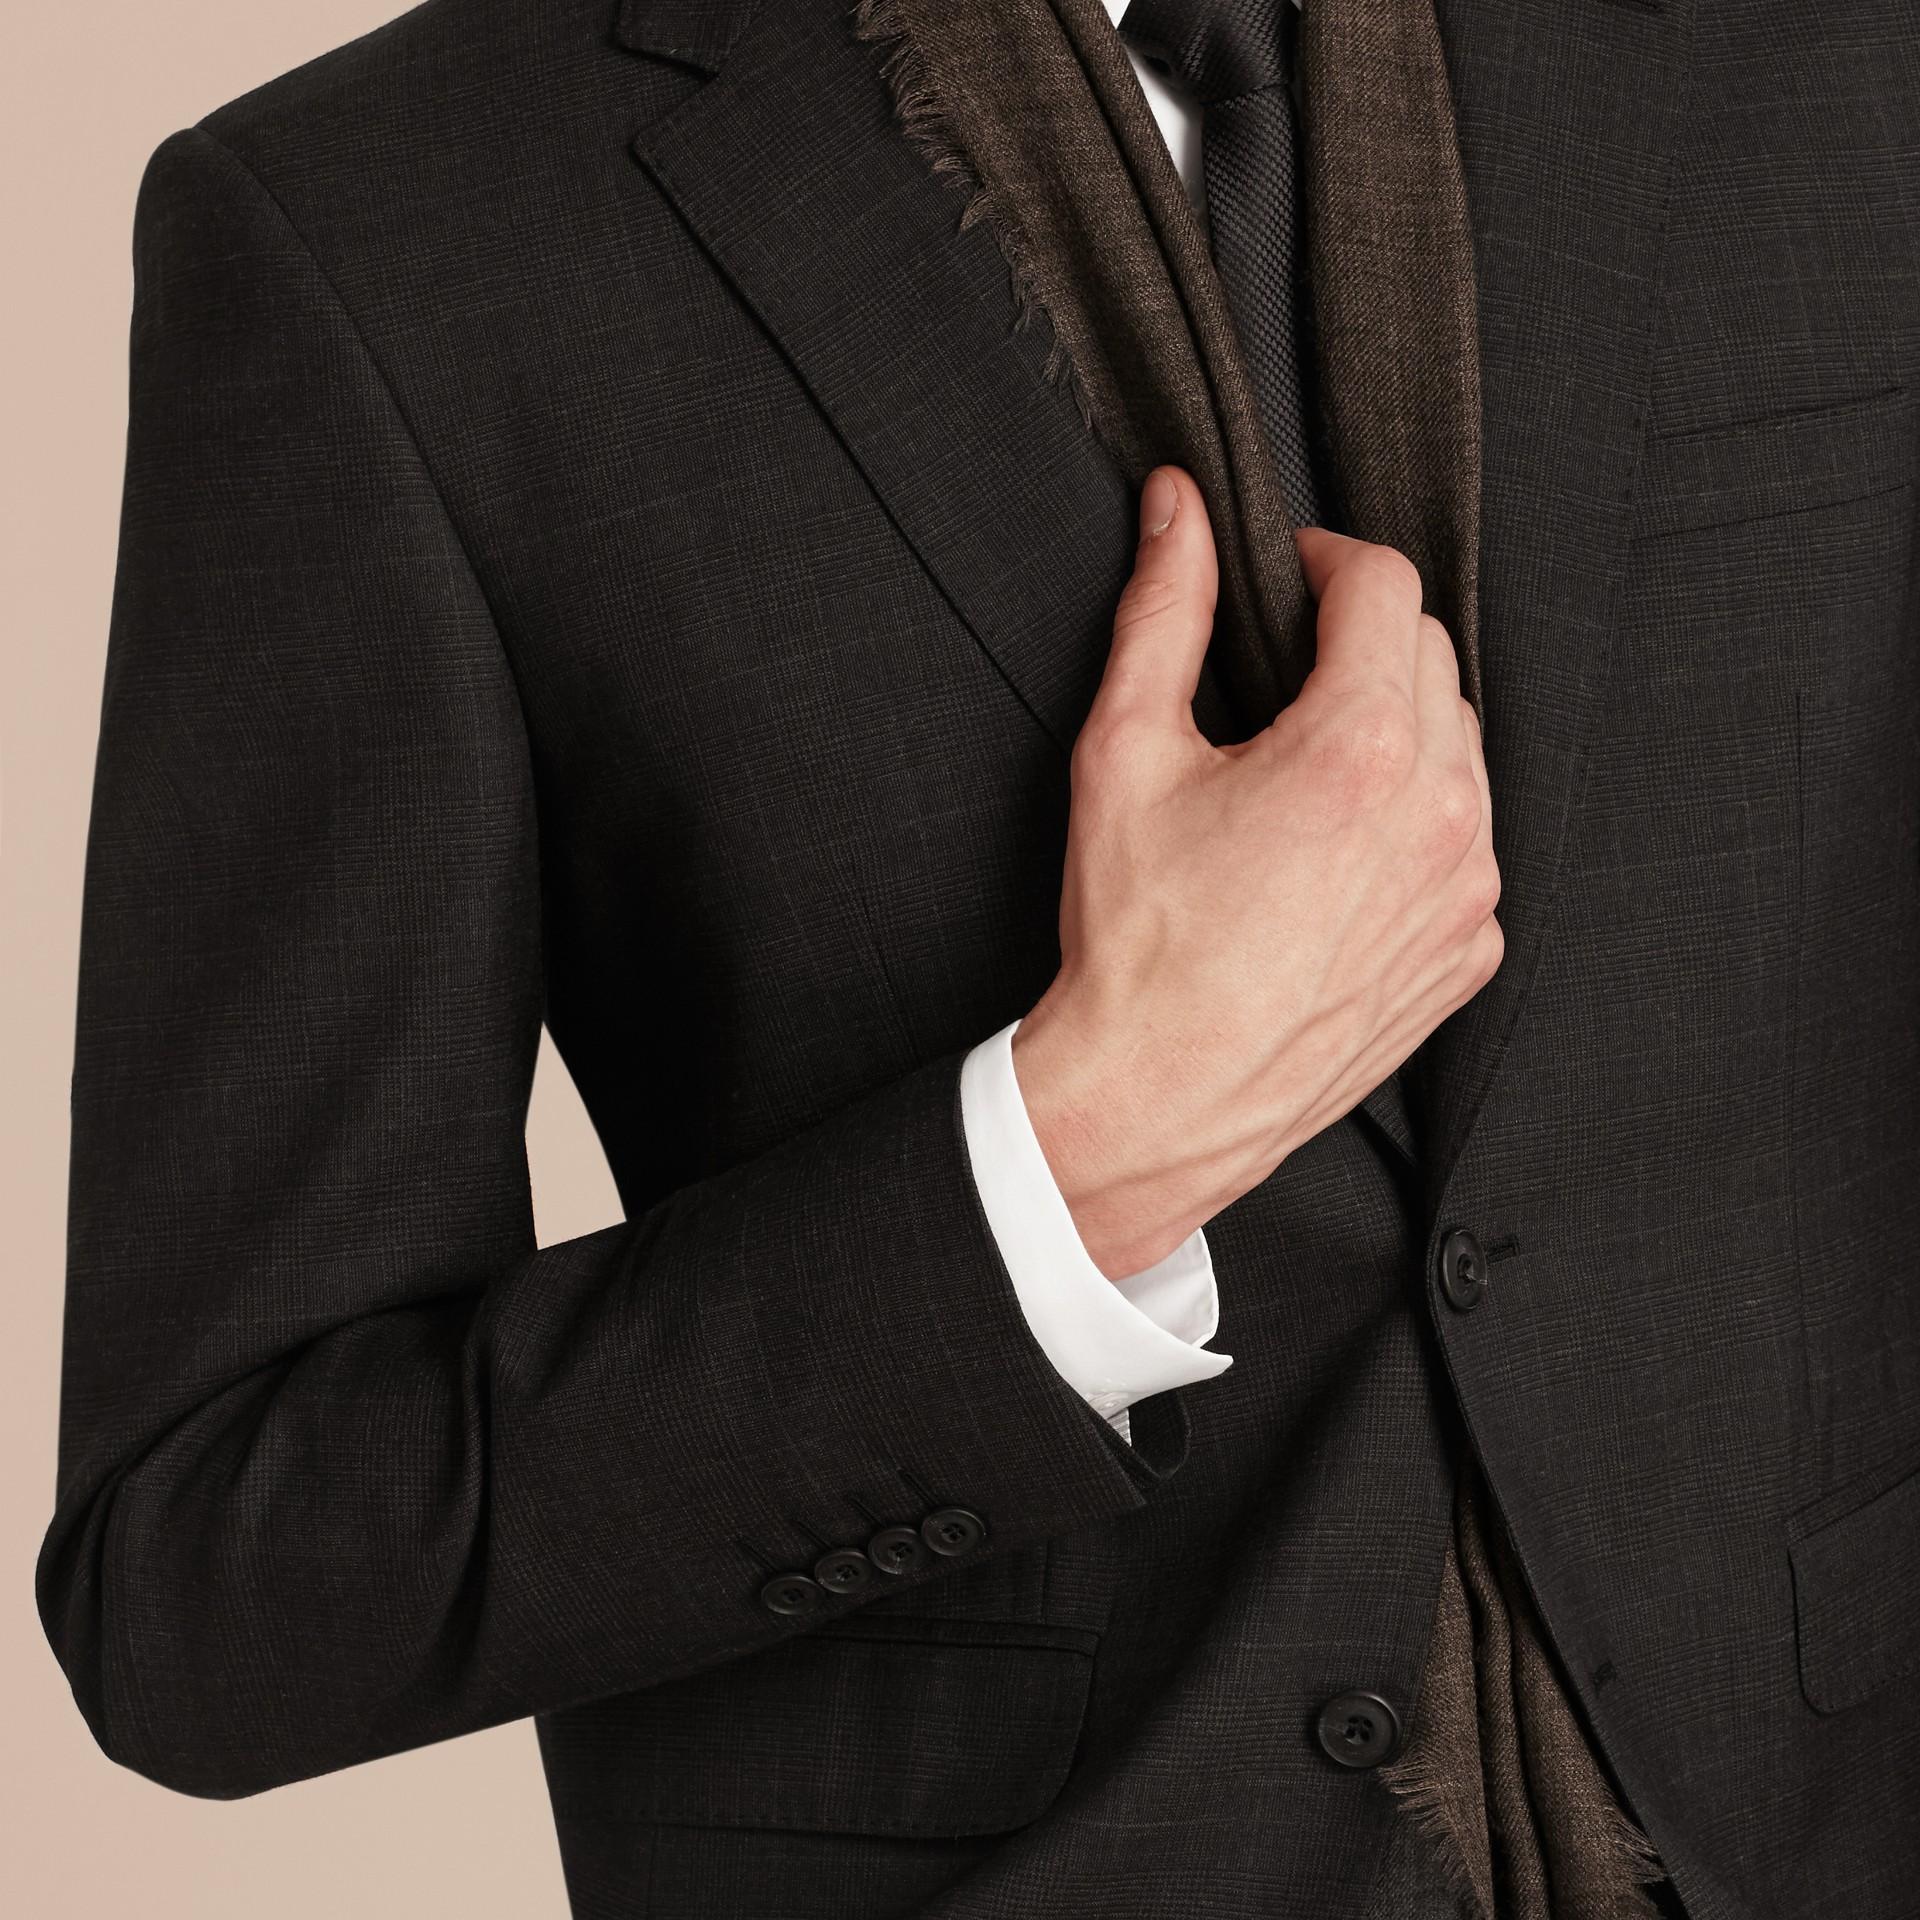 Древесный уголь Шерстяной костюм современного фасона в клетку «Принц Уэльский» - изображение 6